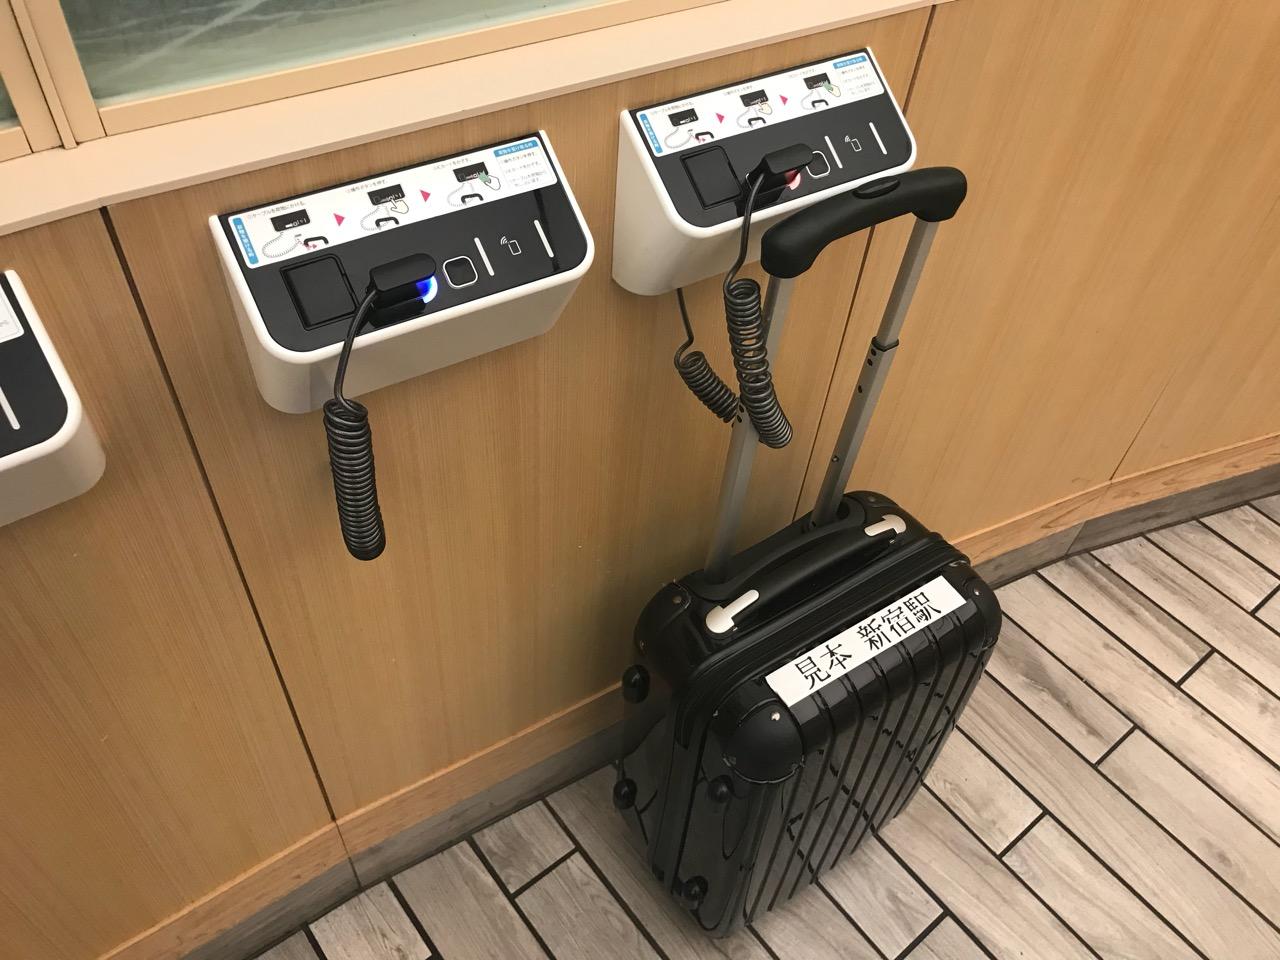 新宿駅で見つけた「Baggageport」30分だけキャリーバックを預かってくれる